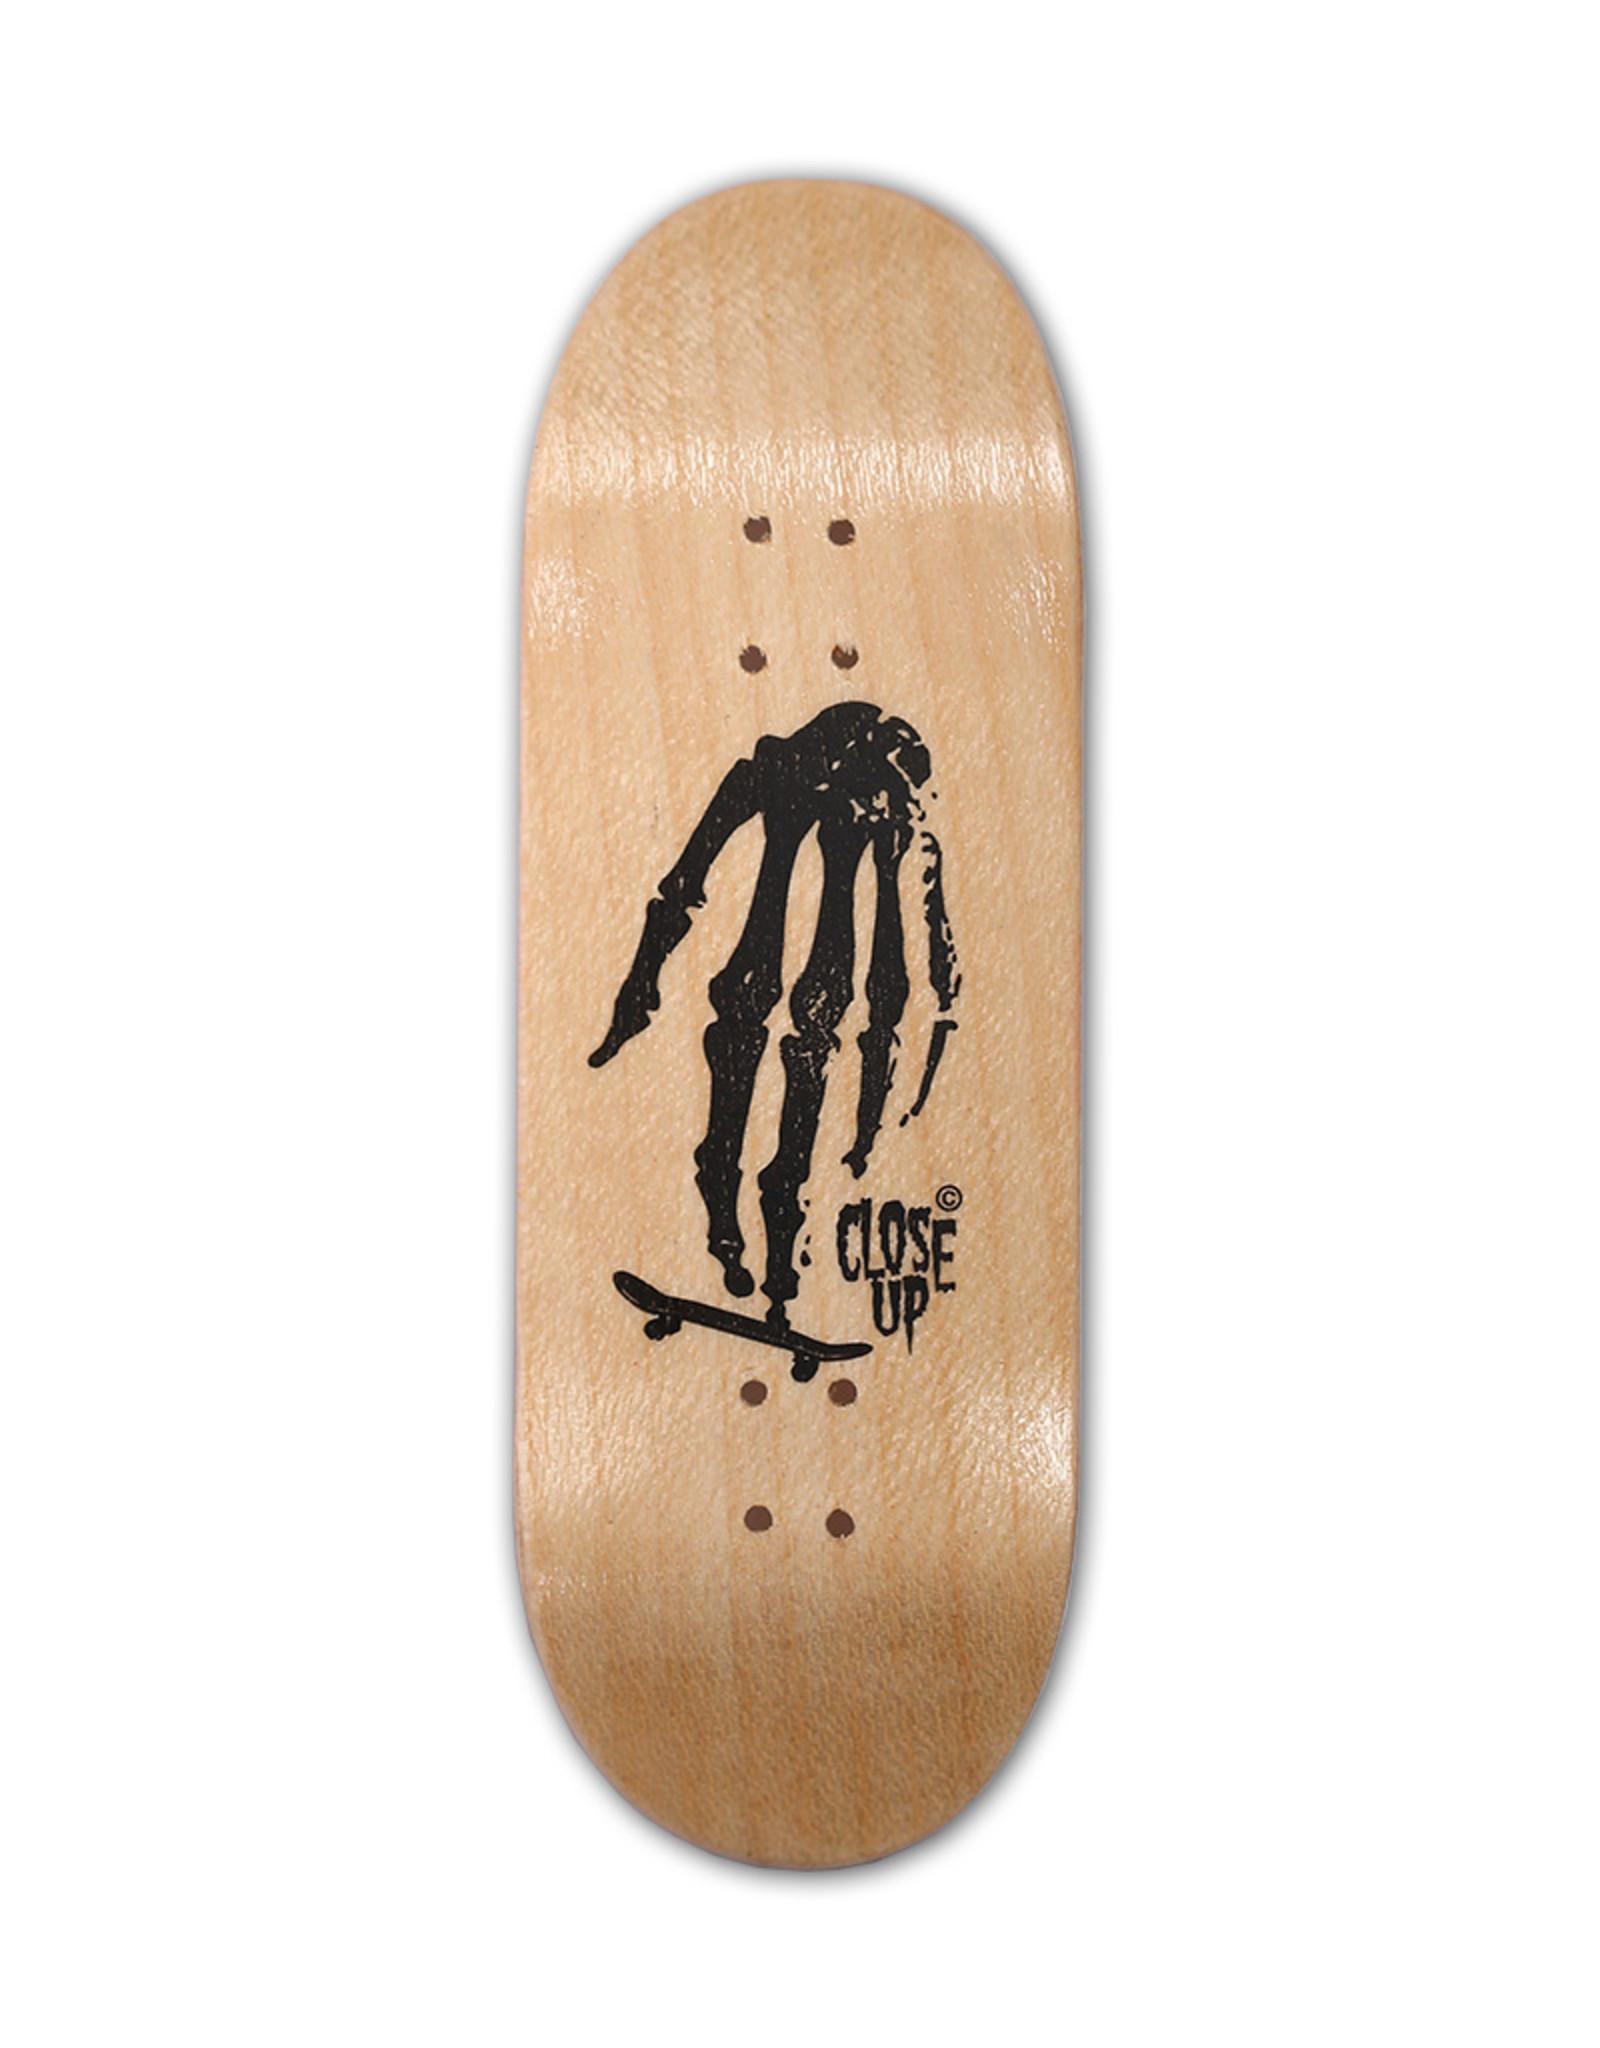 Close Up Fingerboards Close Up Skull Hand Wood 34 mm Generation 5.1 Fingerboard Setup